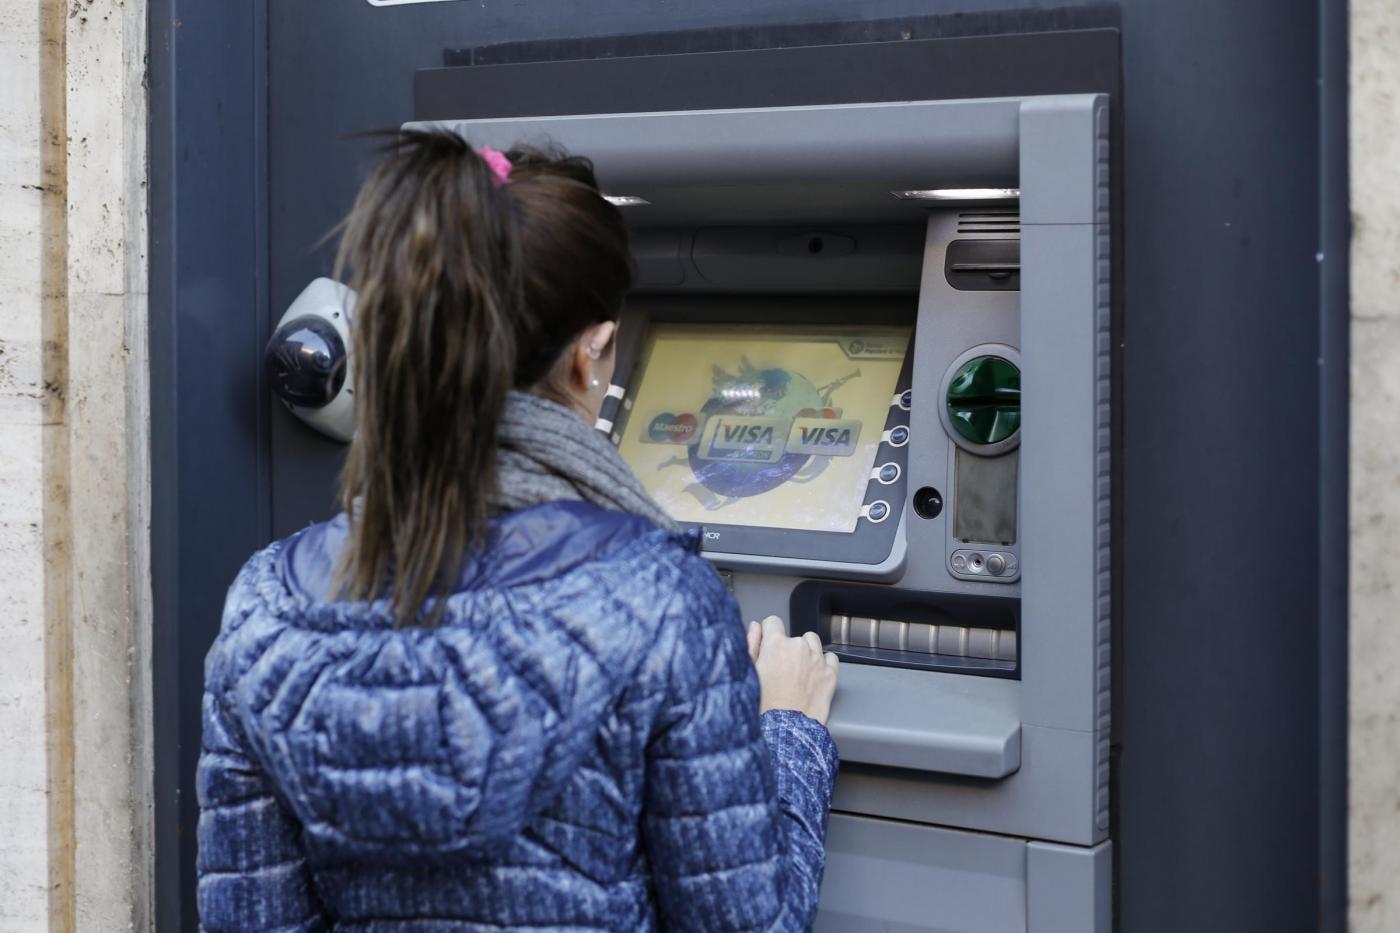 Truffa al Bancomat: così rubano carta e PIN